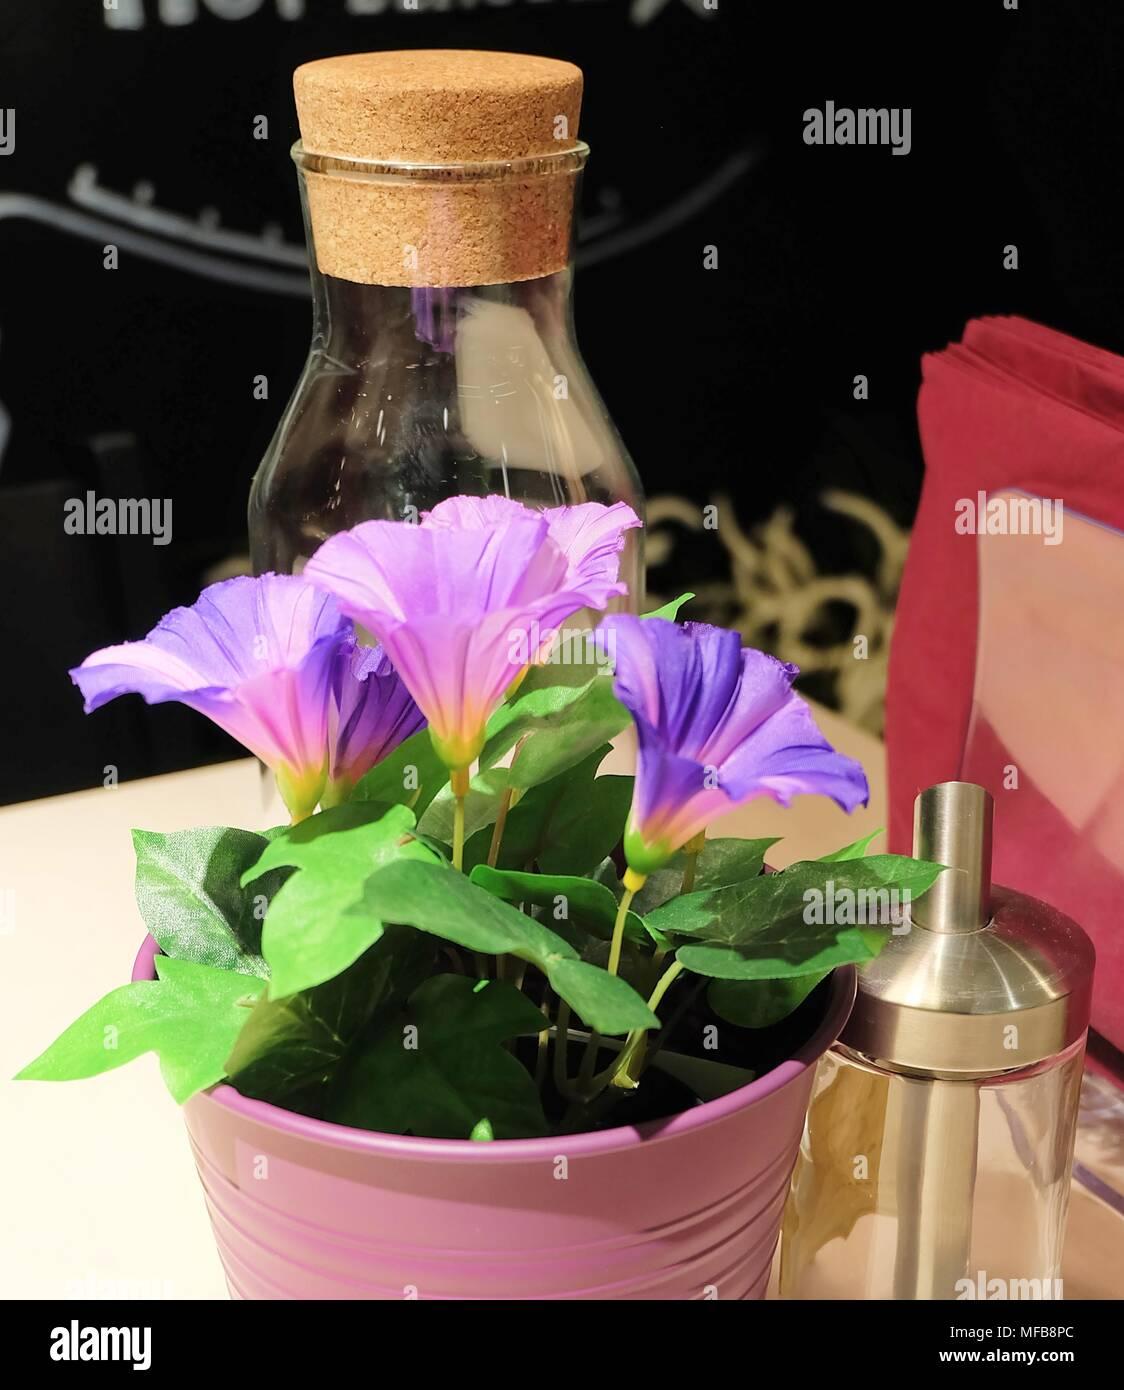 Lila Morning Glory Blumen Den Tisch Fur Haus Und Dekoration